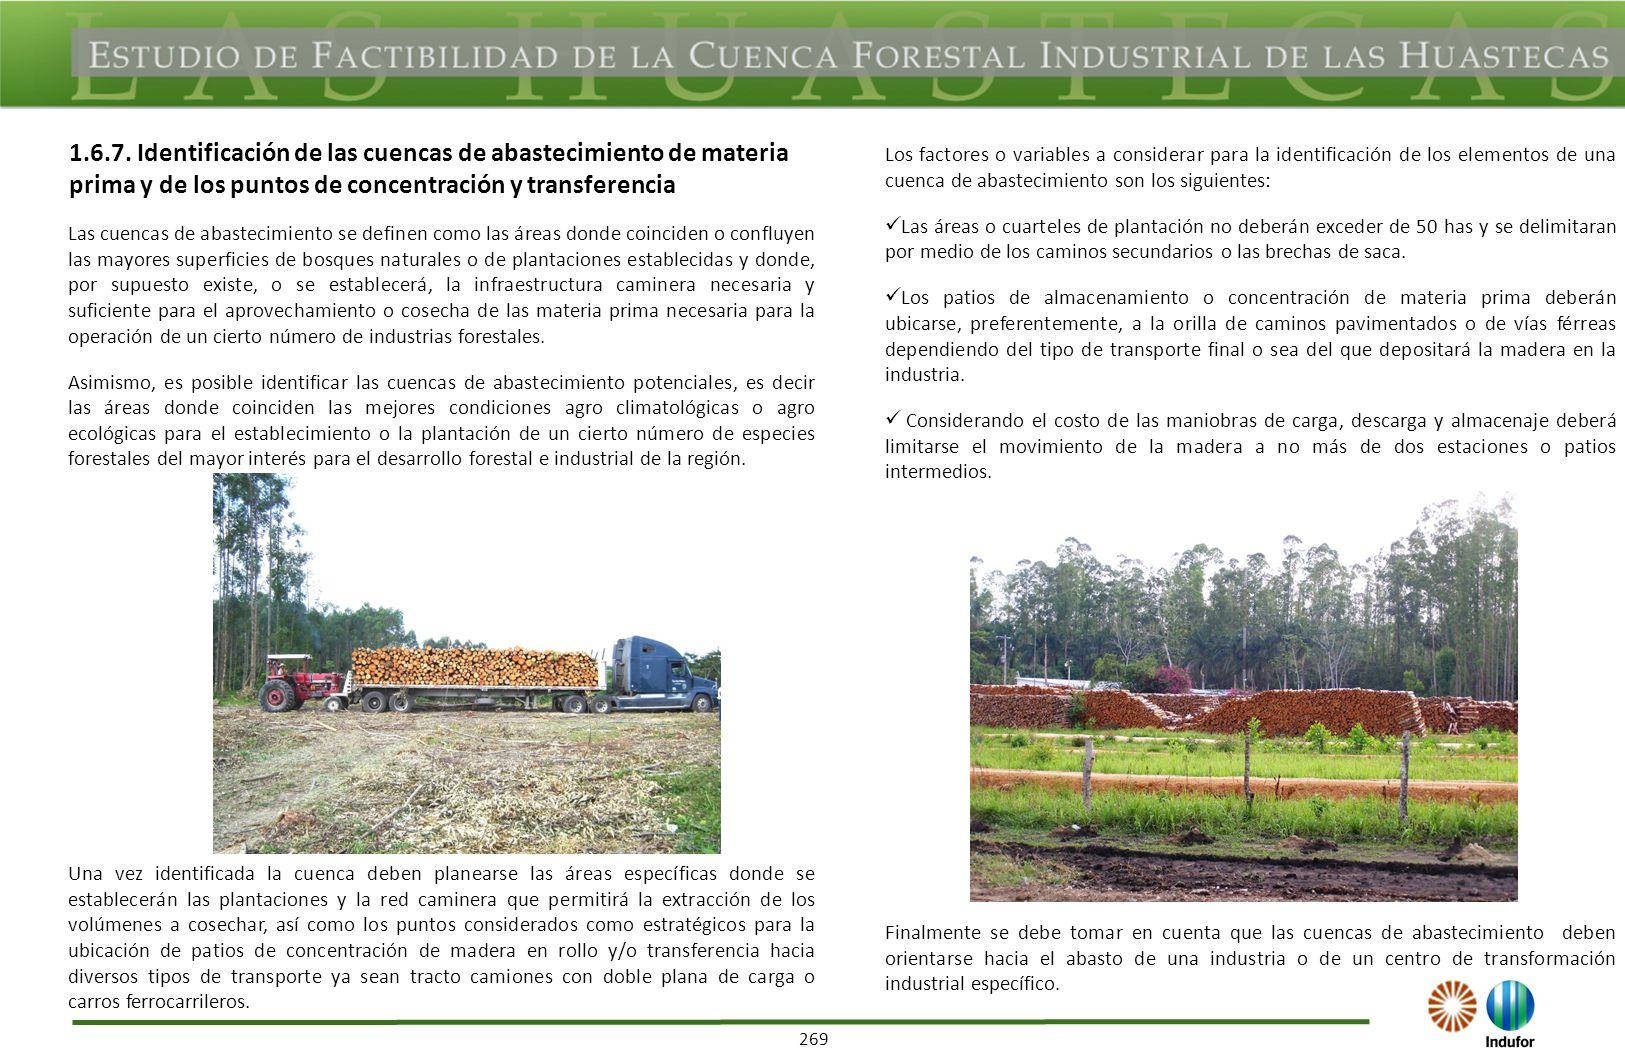 269 Las cuencas de abastecimiento se definen como las áreas donde coinciden o confluyen las mayores superficies de bosques naturales o de plantaciones